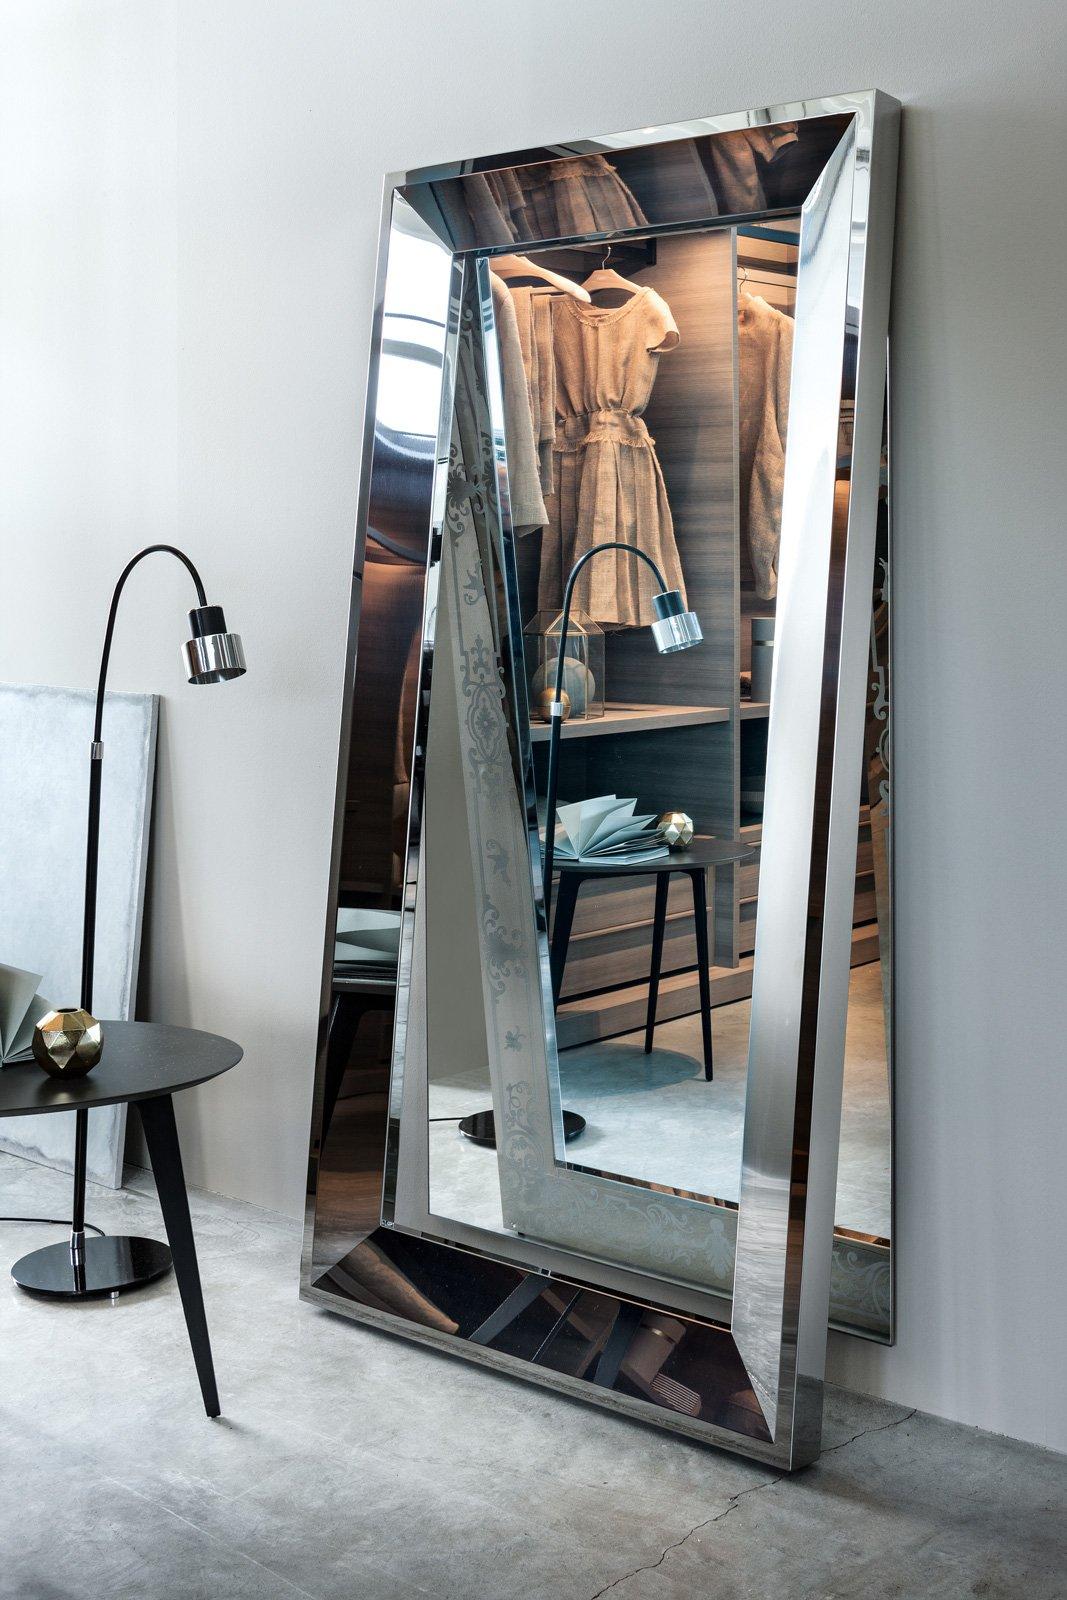 Cose di casa arredamento casa cucine camere bagno for Accessori casa moderna